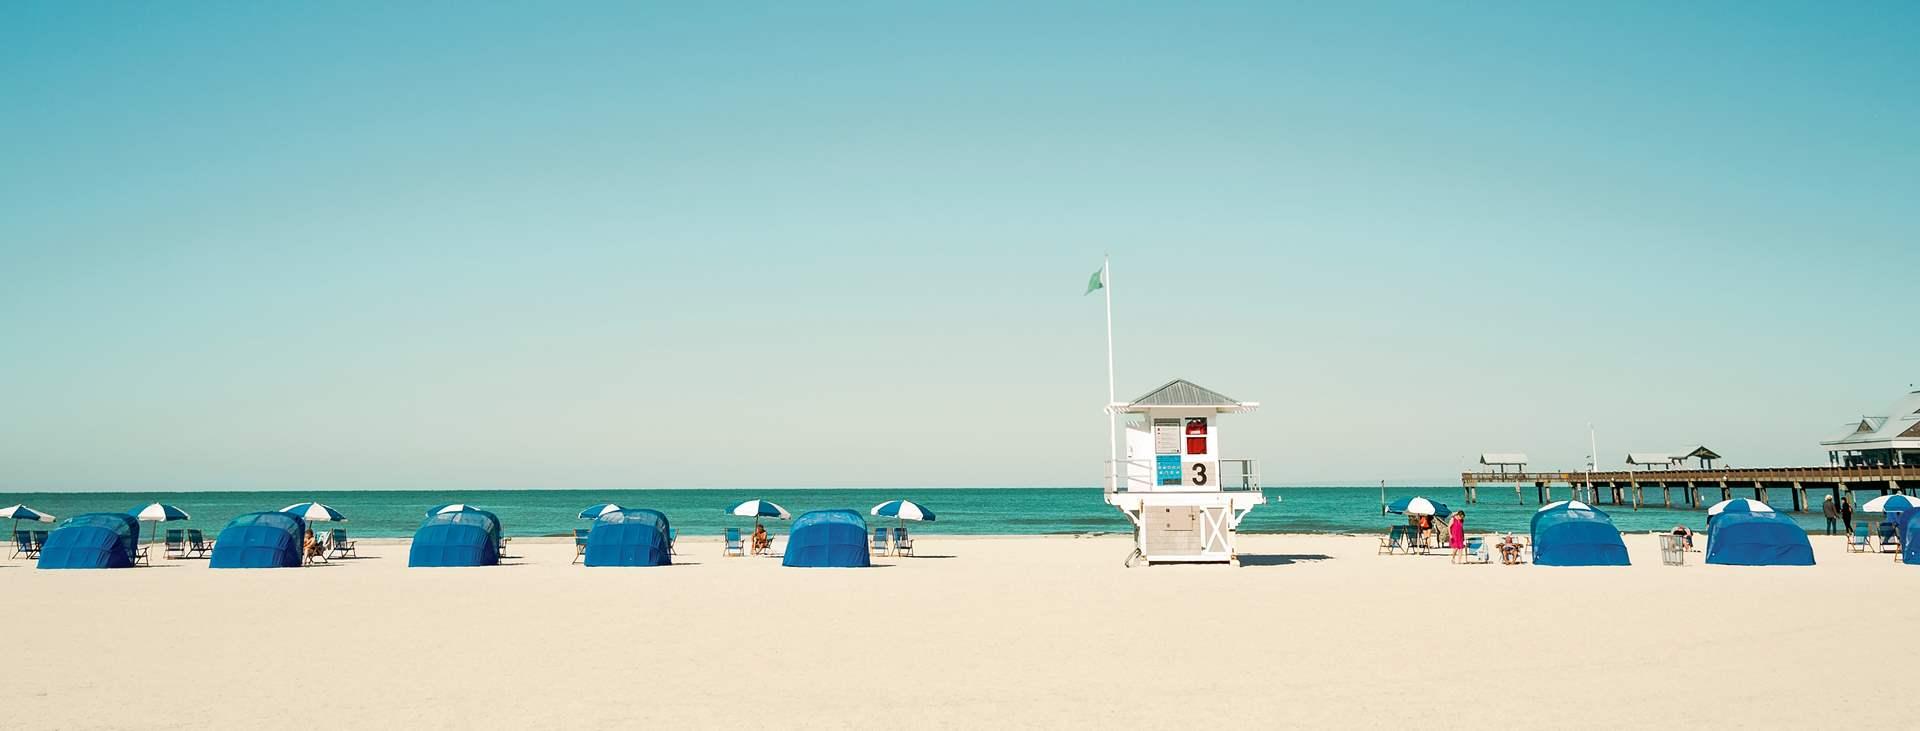 Varaa matka Tjäreborgin kautta Clearwater Beachille, Floridaan ja koe USA